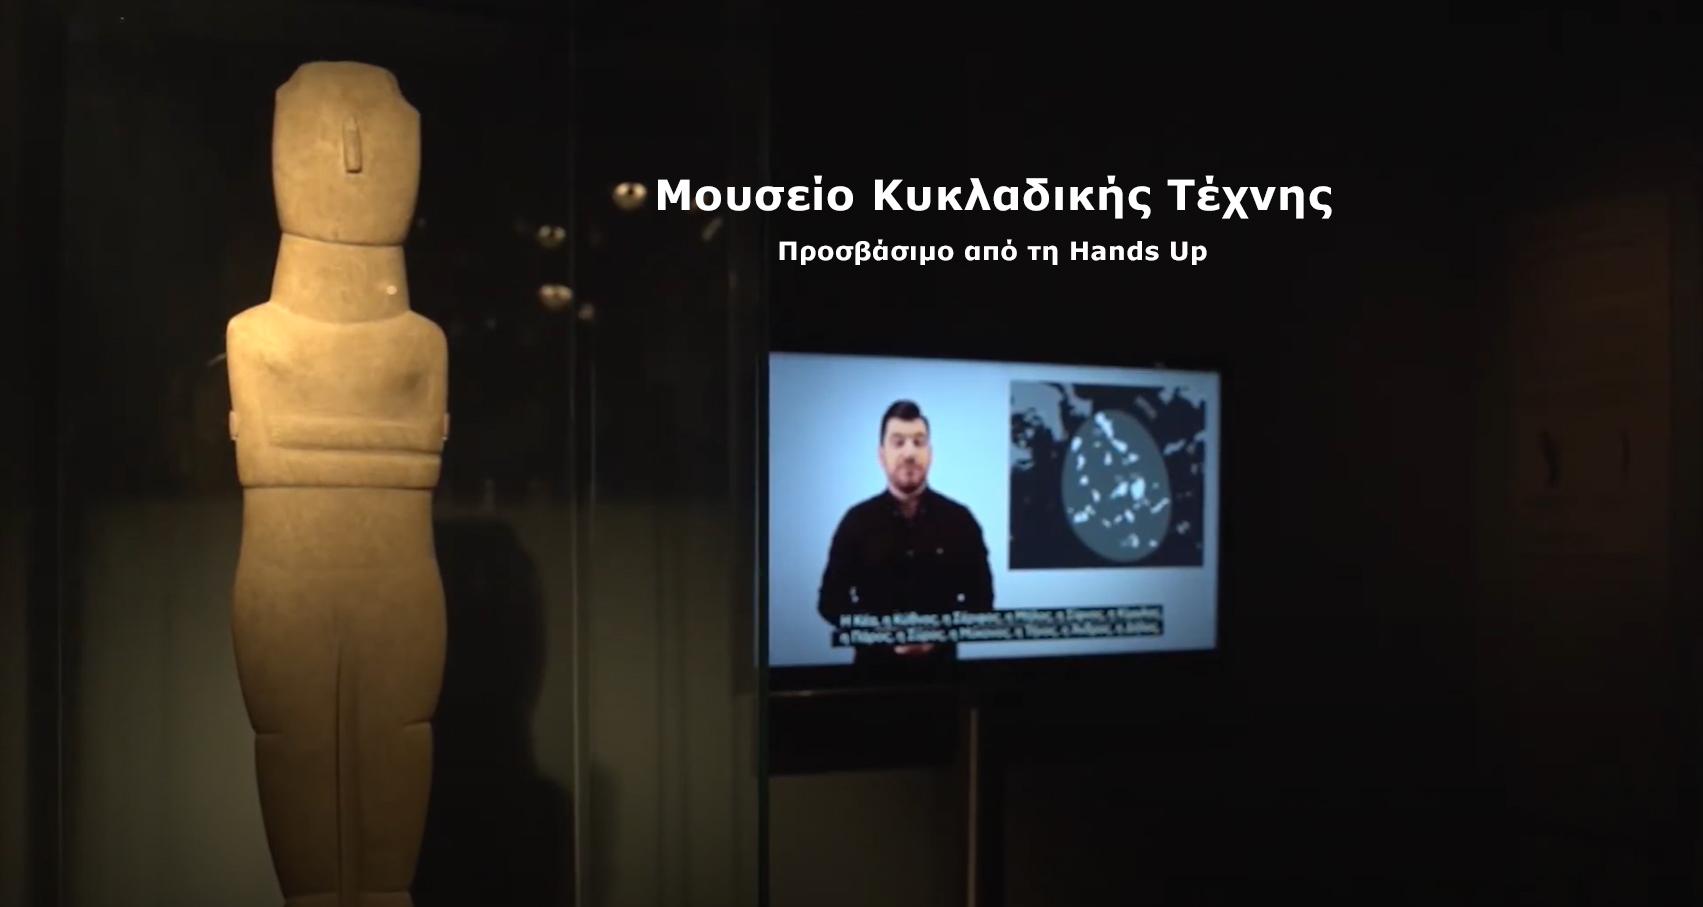 Ο Γιώργος και η Χαρά Στάθη στέκονται μπροστά από την είσοδο του 1ου ορόφου του Μουσείου Κυκλαδικής Τέχνης, που έγινε προσβάσιμος από τη Hands Up